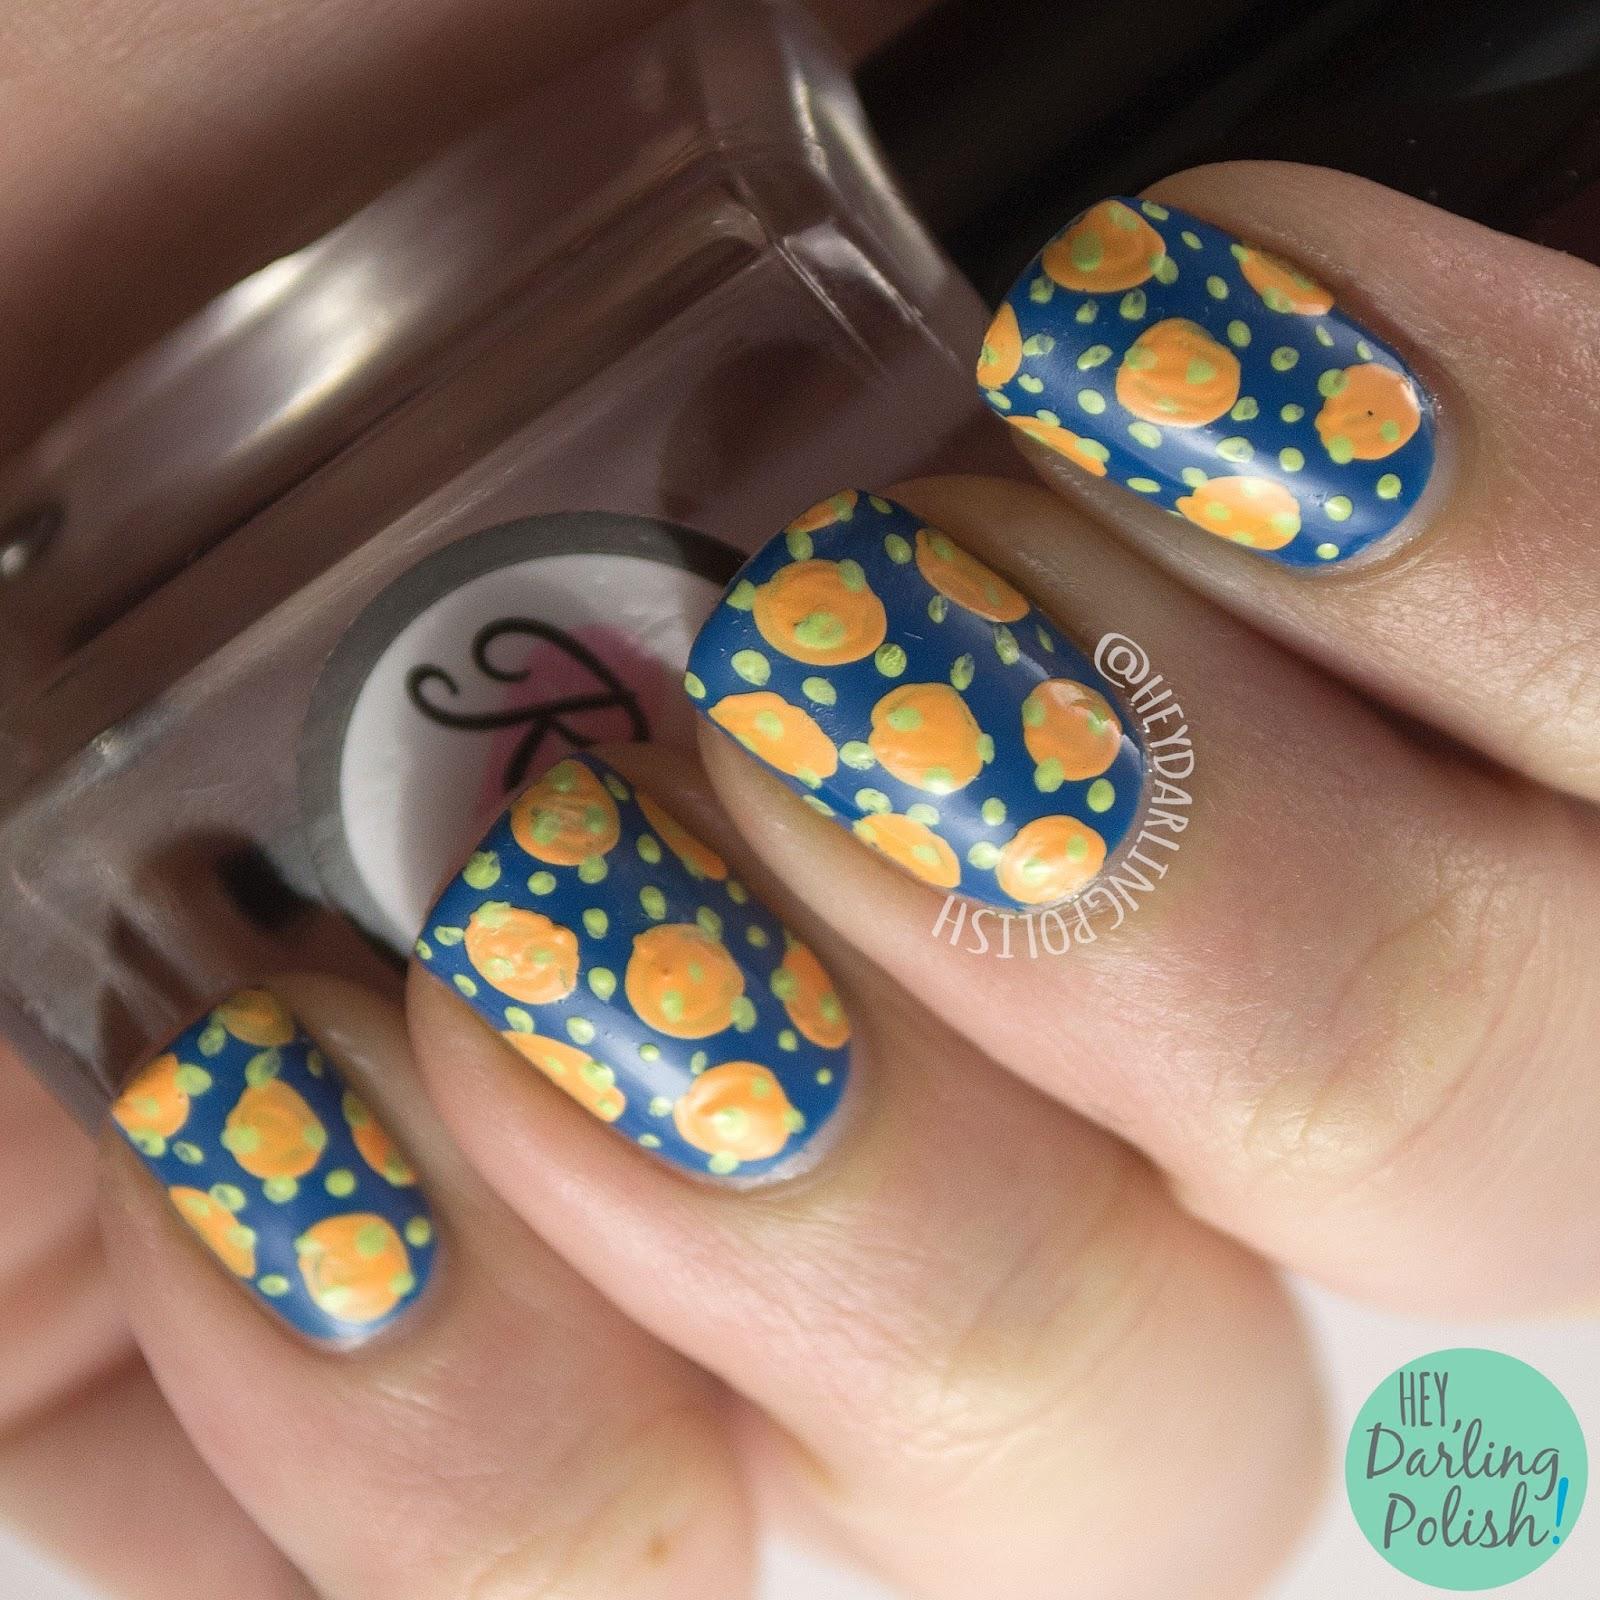 nails, nail art, nail polish, polka dots, hey darling polish, blue, contrast, complement, 2015 cnt 31 day challenge